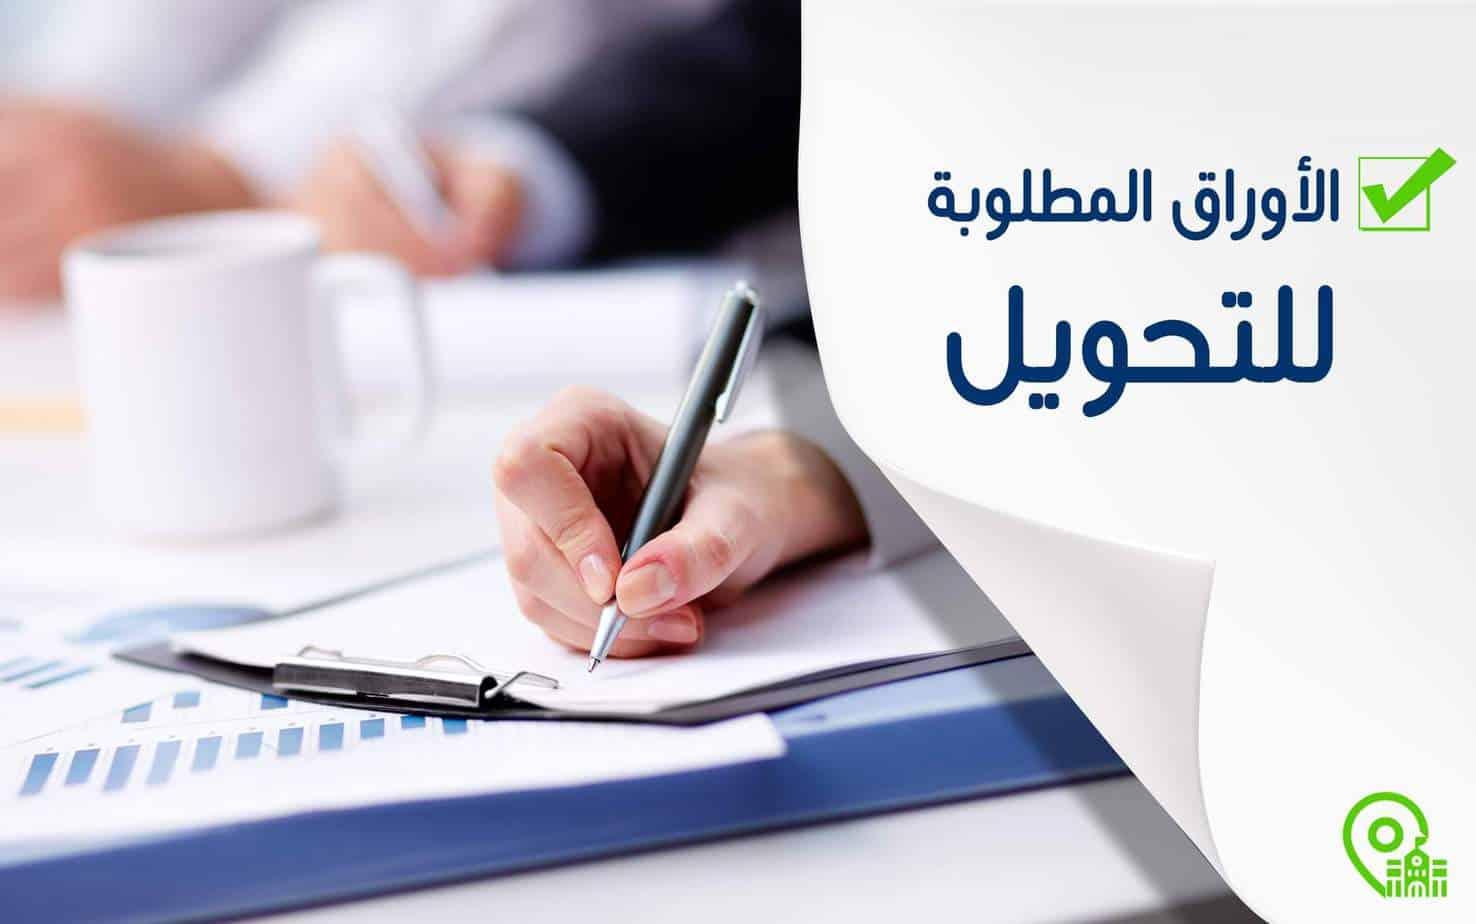 و مواعيد تحويلات المدارس الرسمية والرسمية لغات ومتميزة3